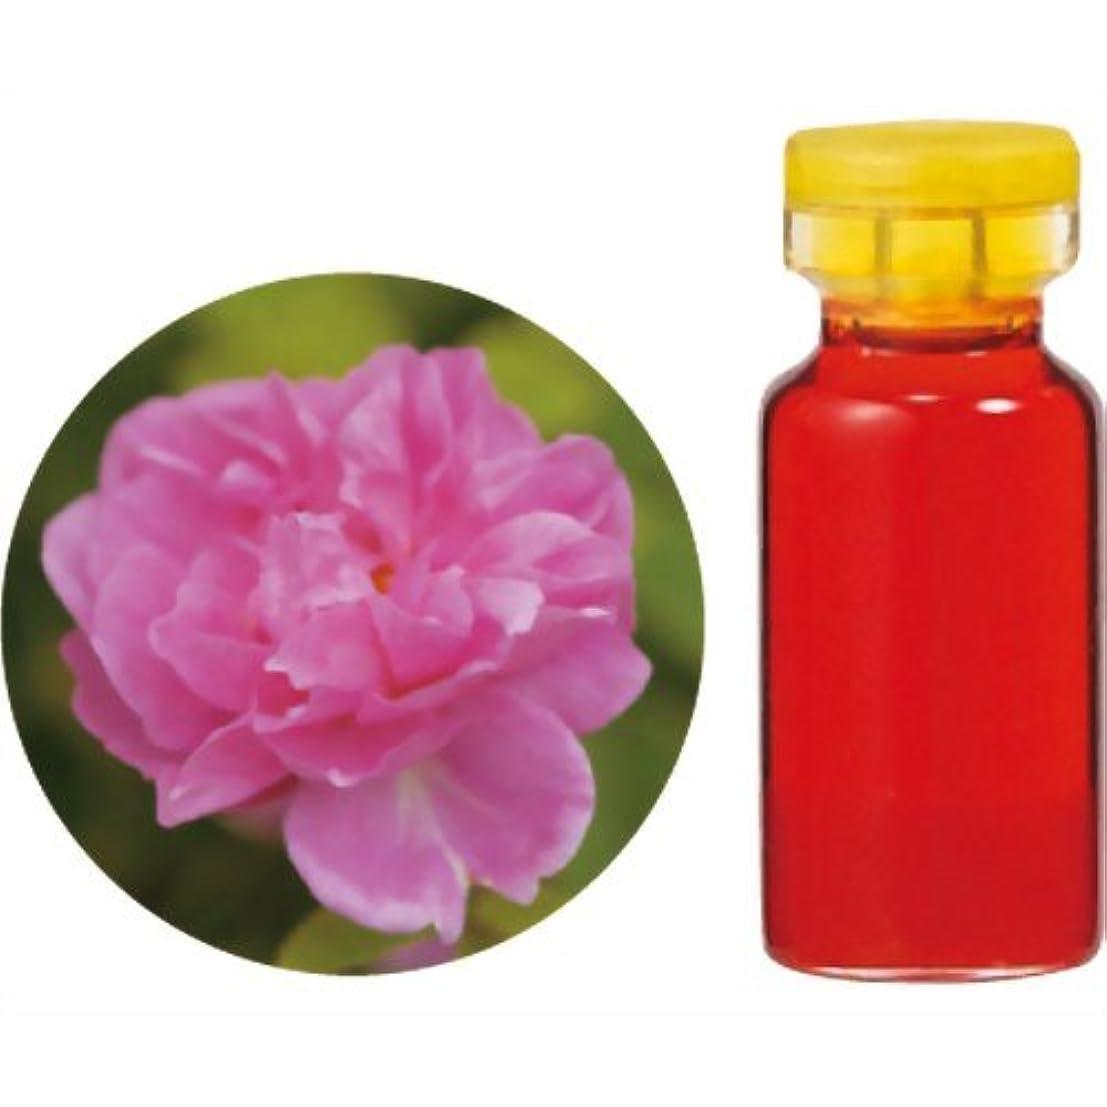 代数的懸念献身生活の木 Herbal Life 花精油 ダマスクローズAbs.(モロッコ産) 3ml